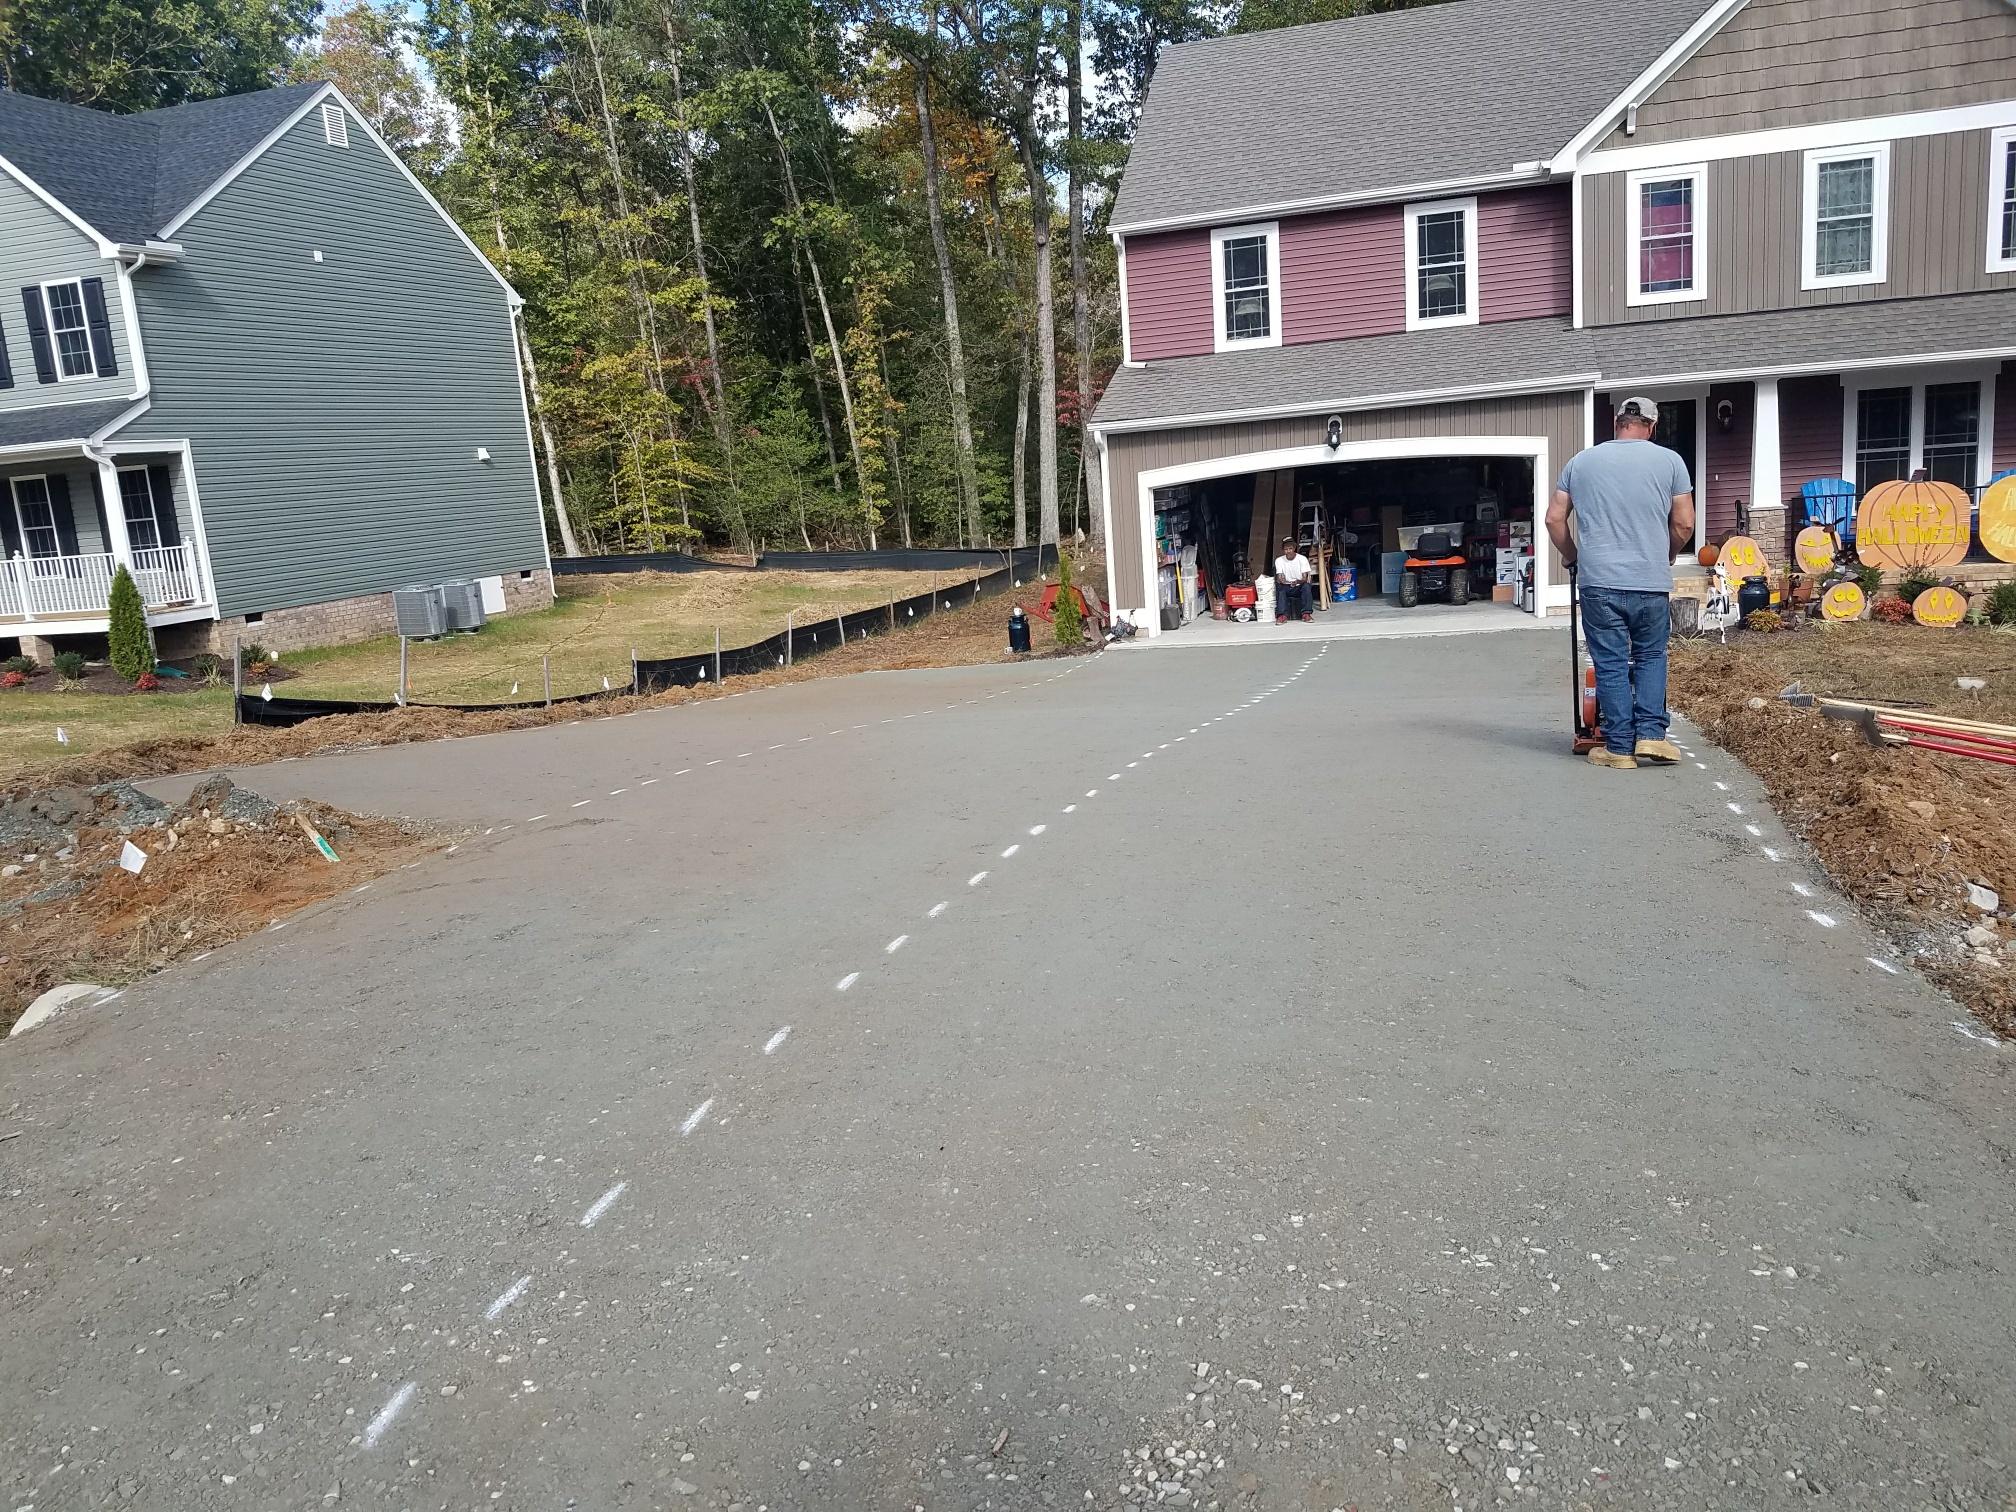 Driveway Asphalt Repair in Virginia